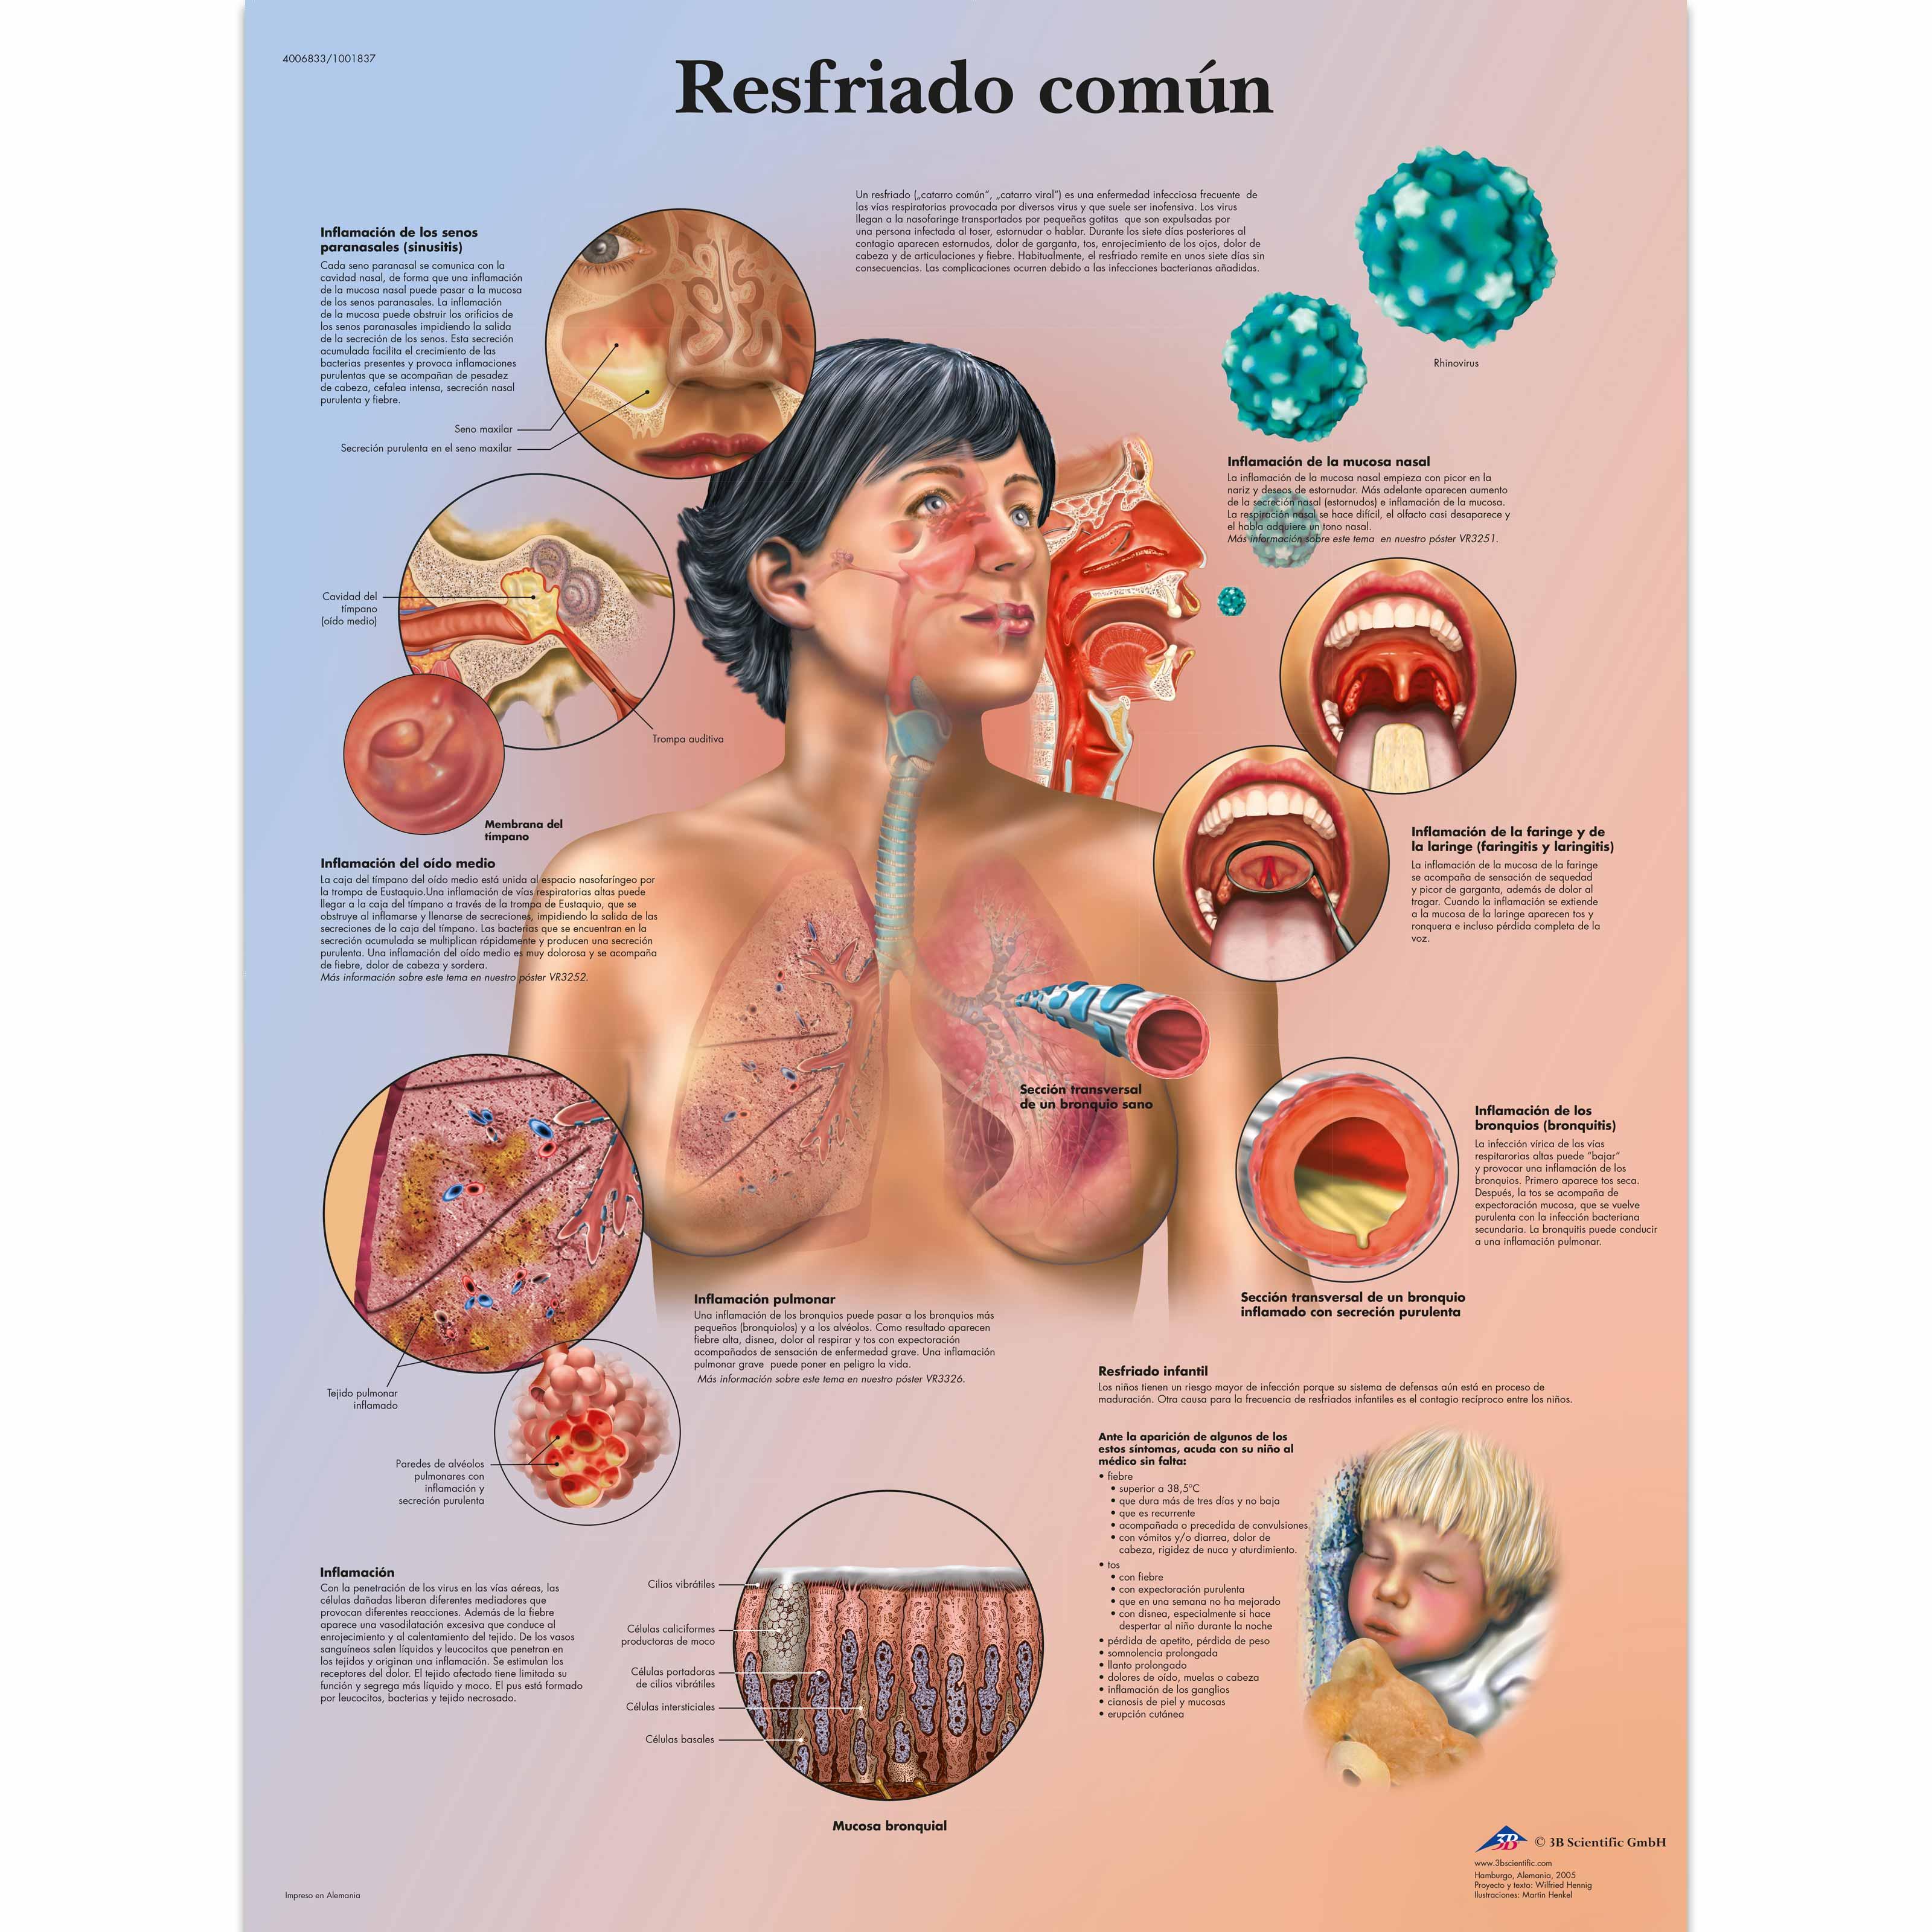 Resfriado común - 4006833 - VR3253UU - Respiratory System - 3B ...